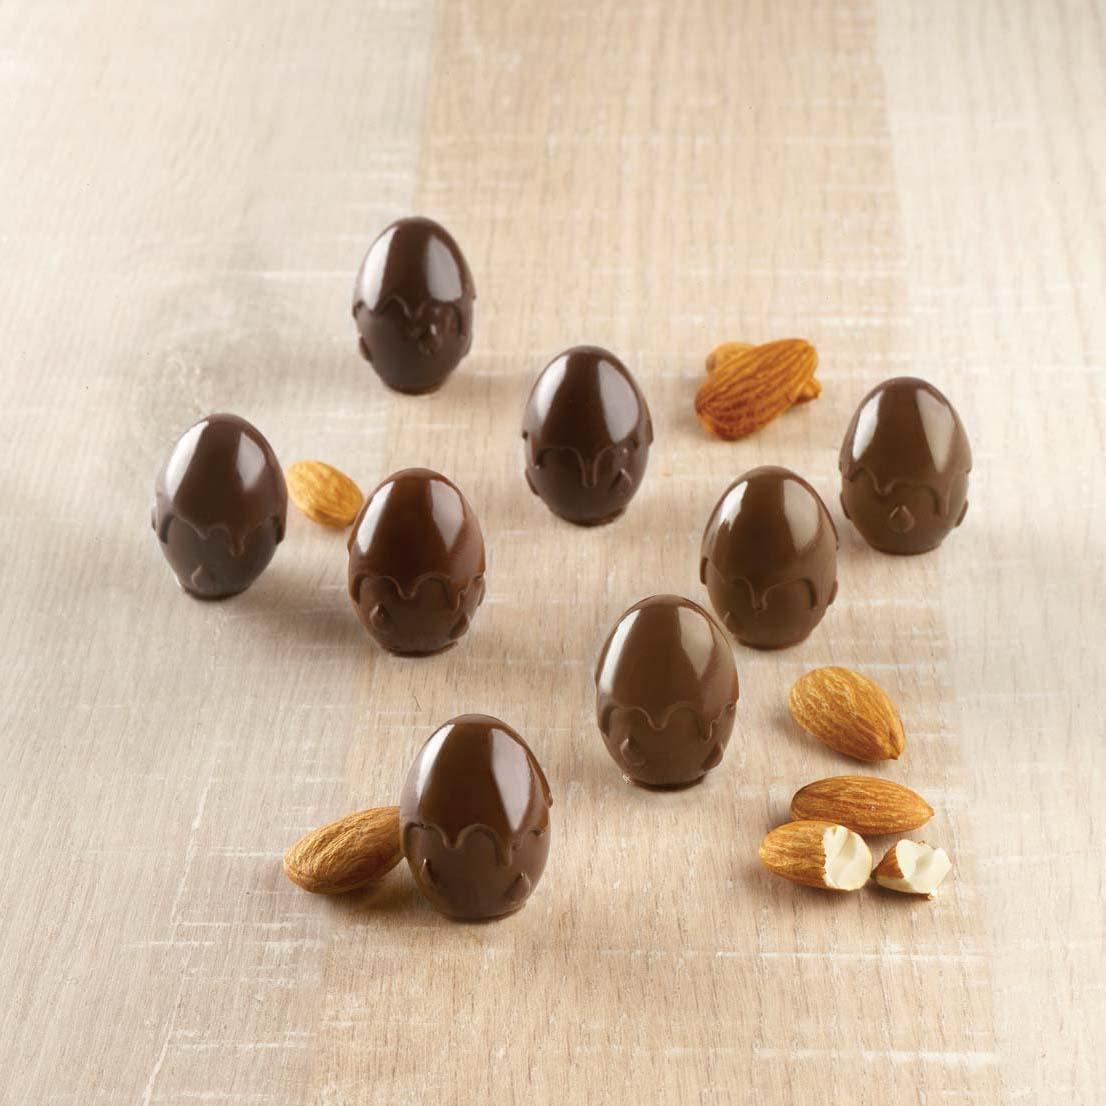 Φόρμα σιλικόνης για σοκολατένια αυγά Choco Drop 3D Design CSG53